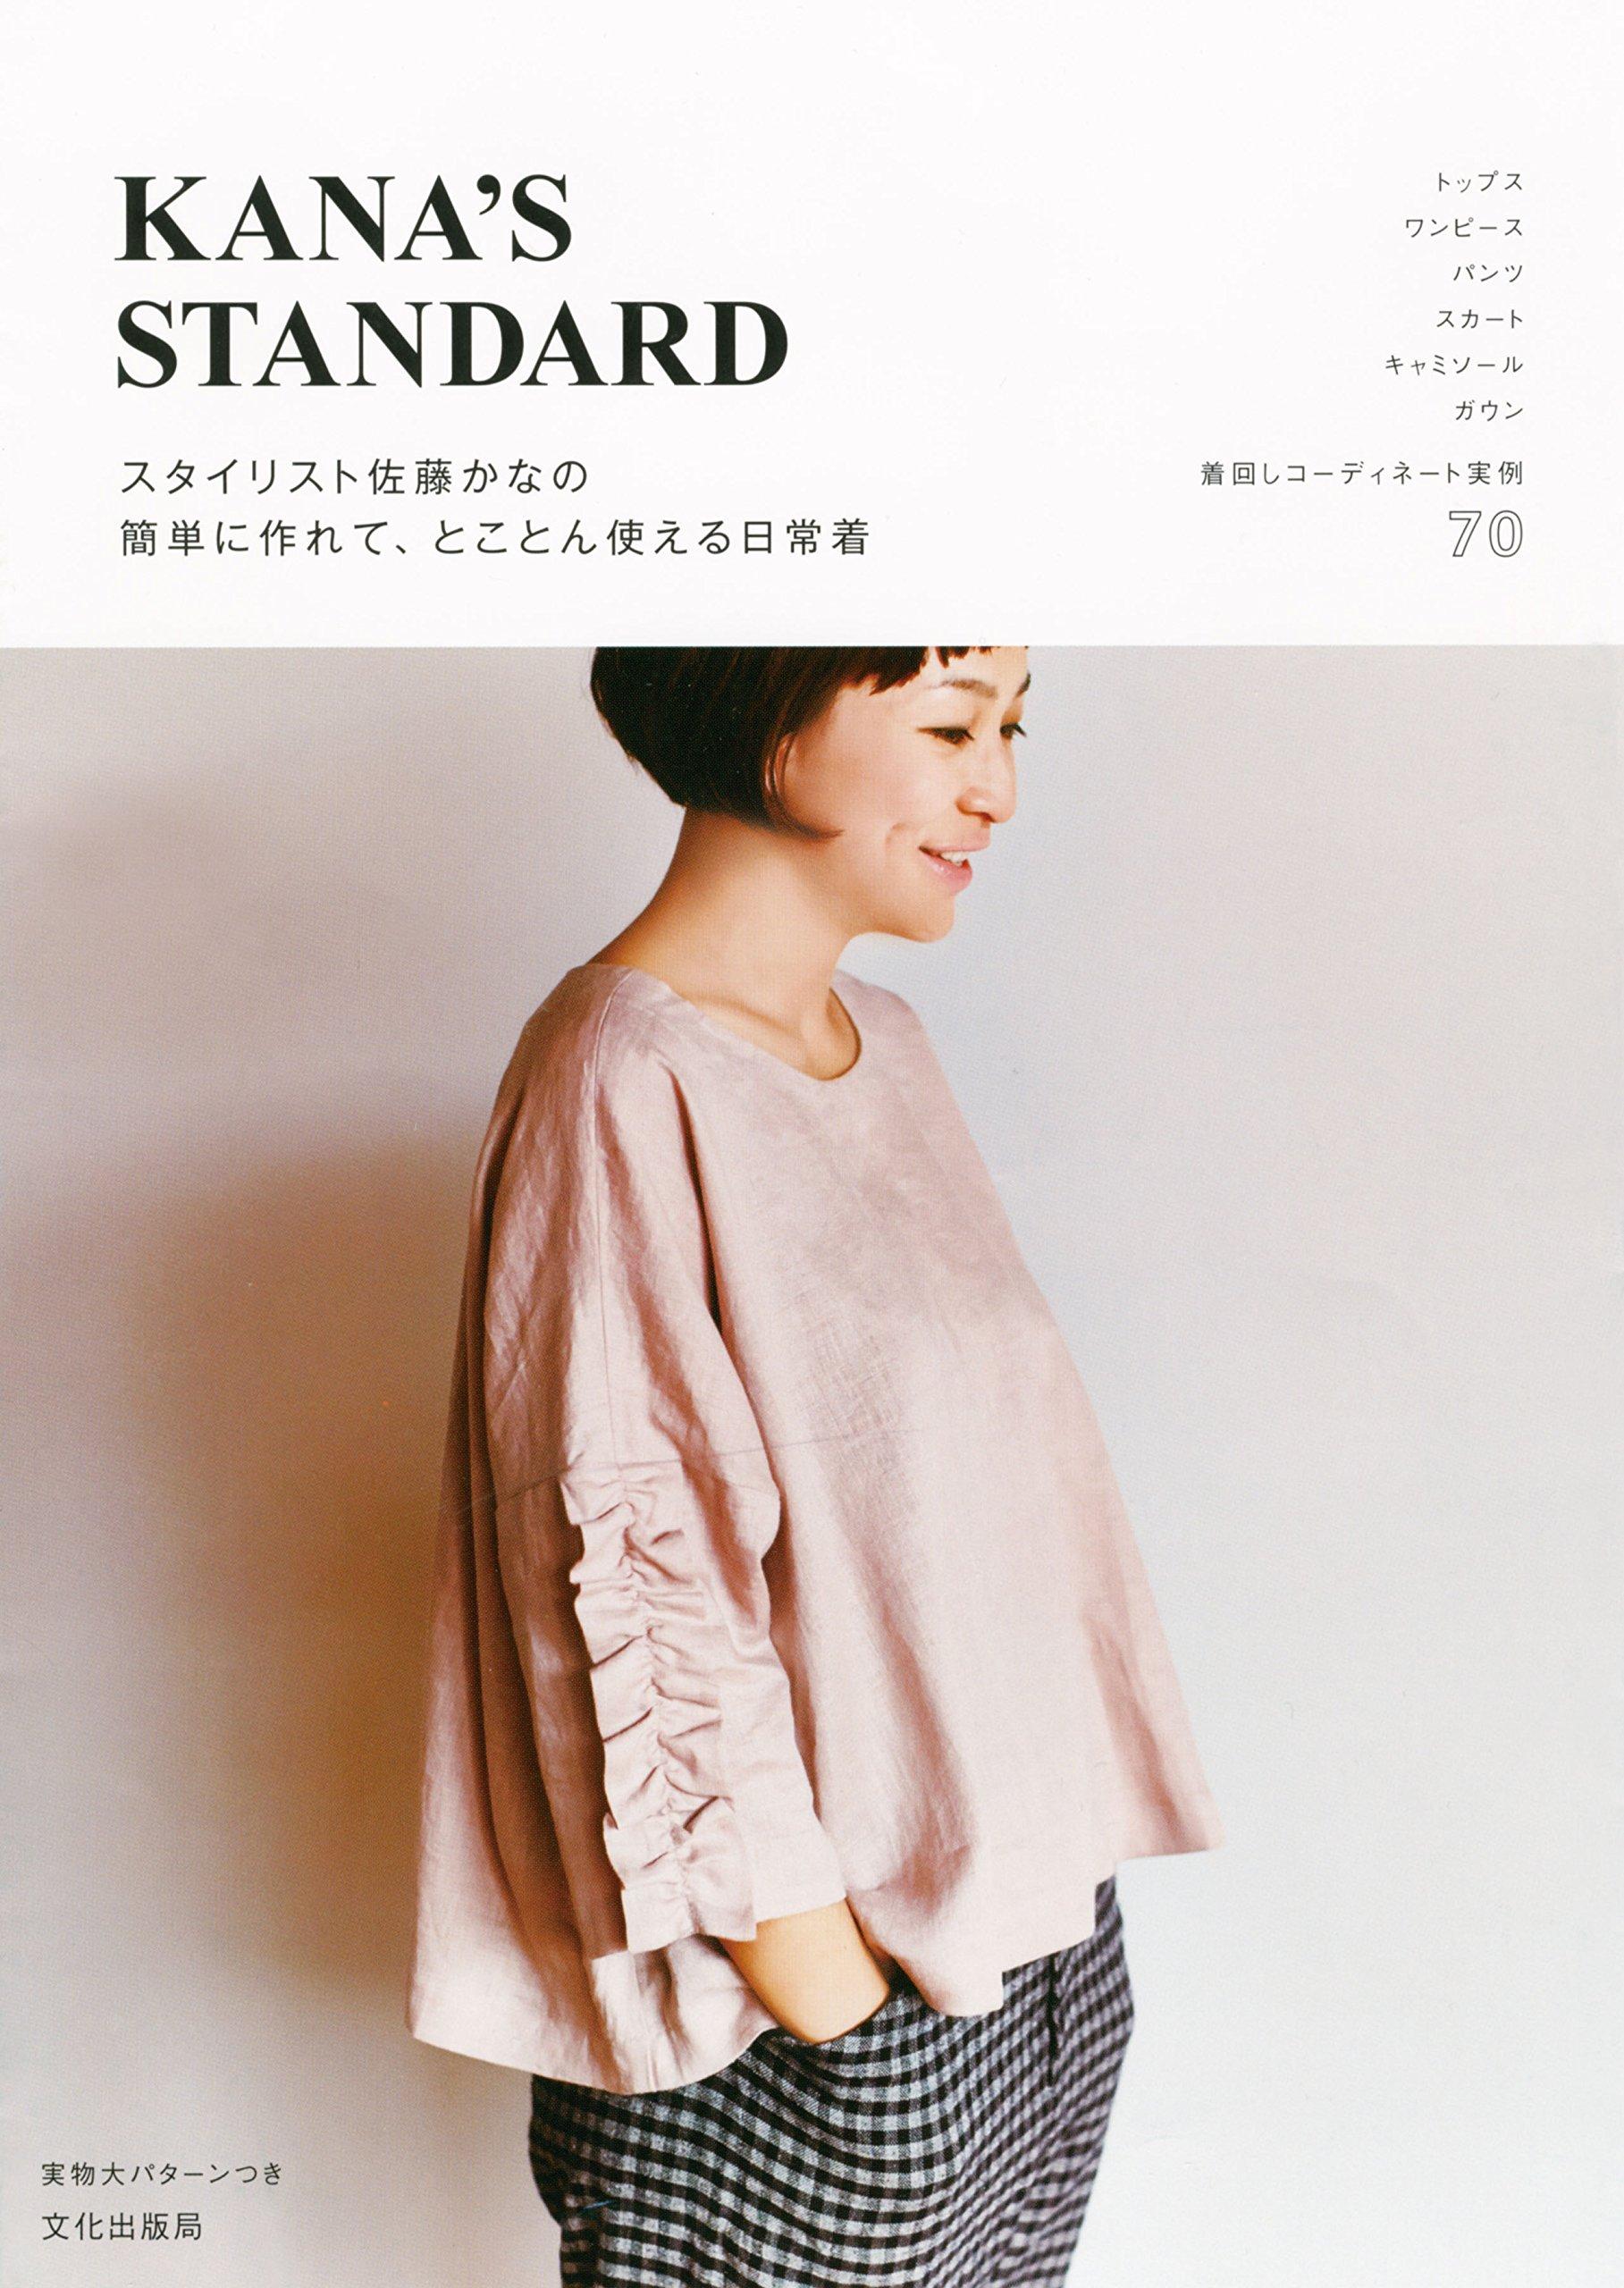 Stylist Sato Kana